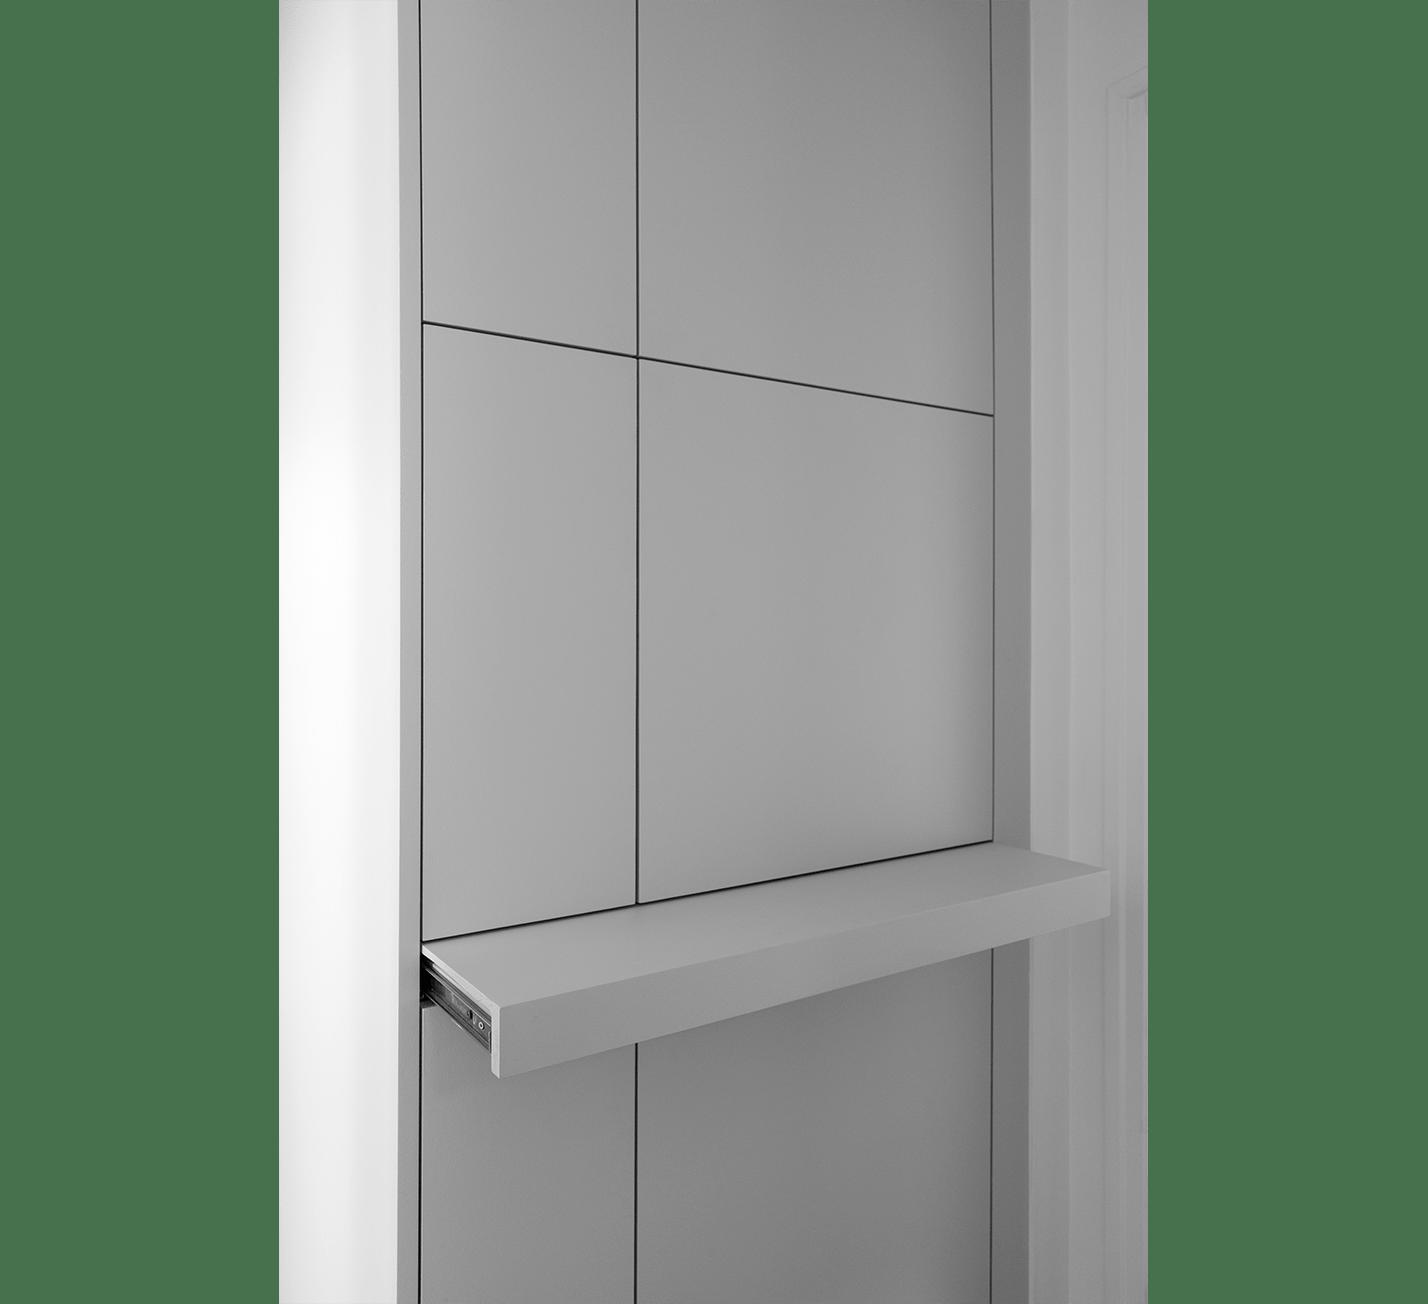 Projet-Georges-Atelier-Steve-Pauline-Borgia-Architecte-interieur-12-min